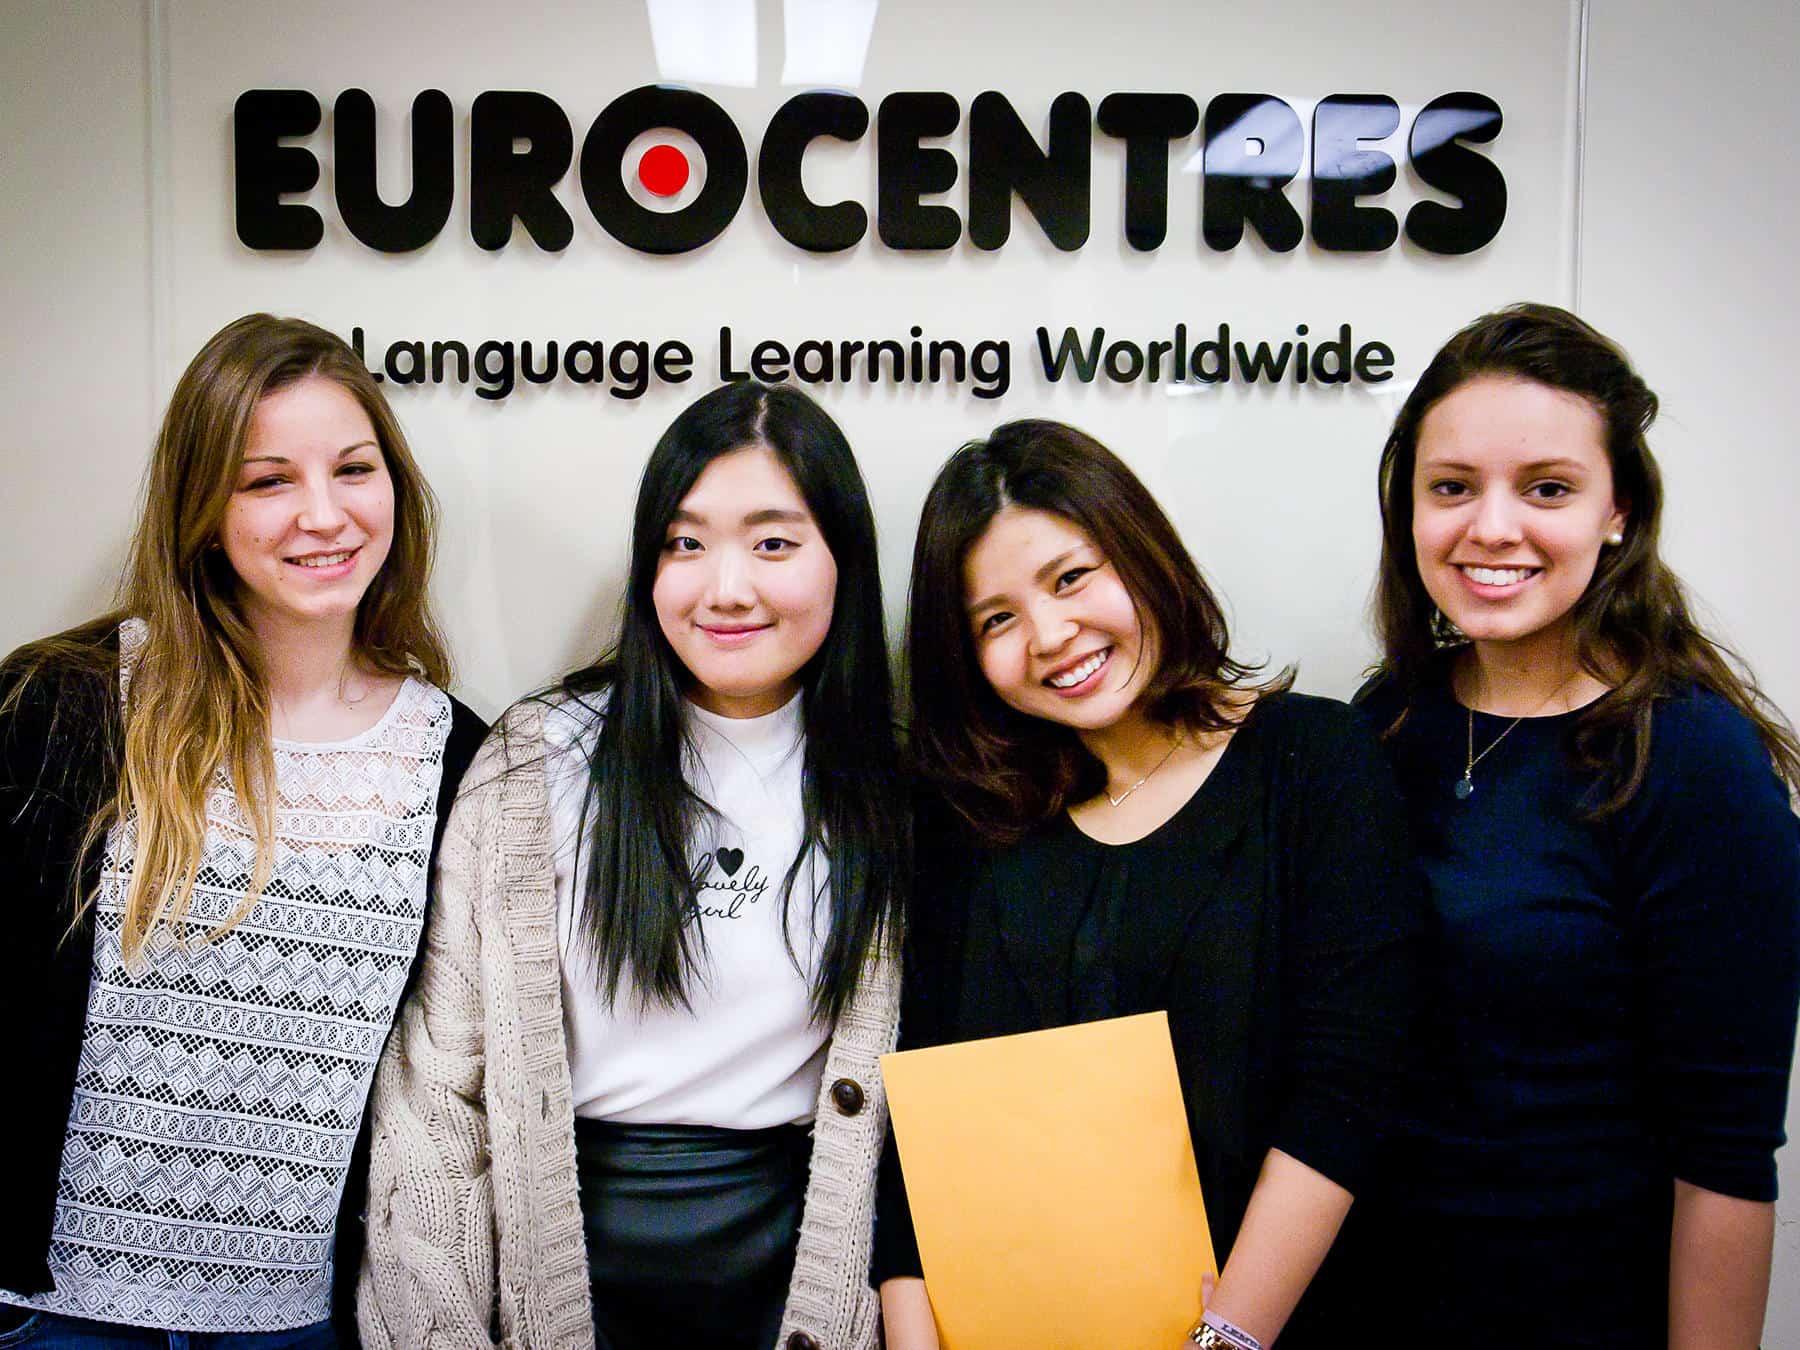 Eurocentres-1